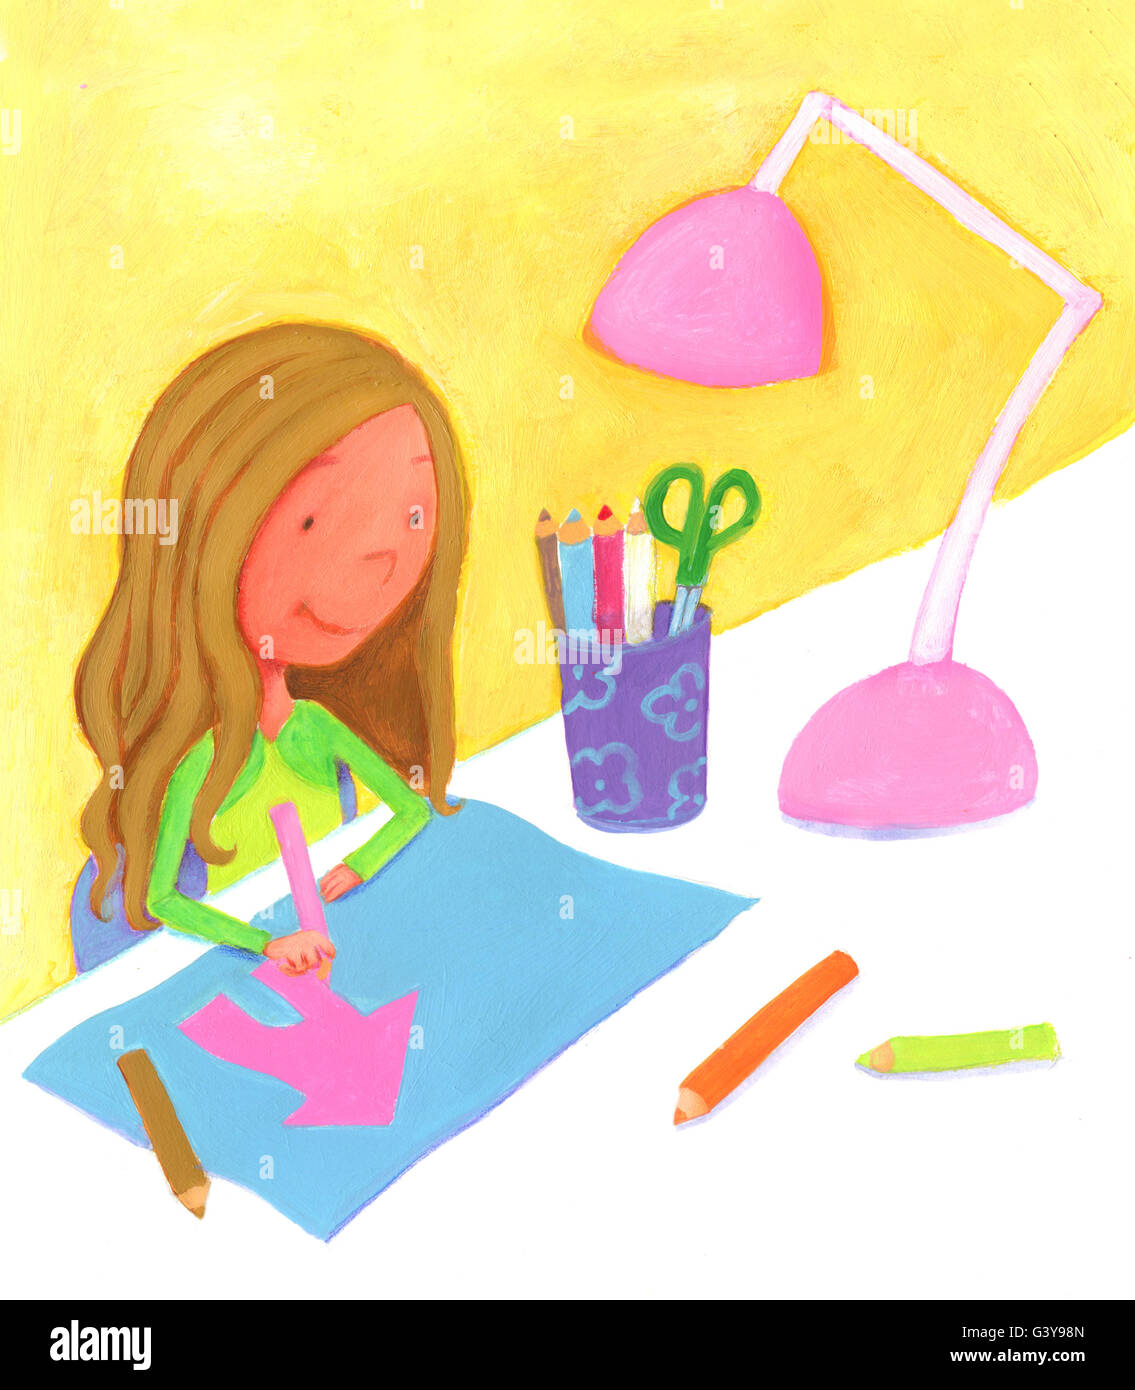 Madchen Sitzen An Ihrem Schreibtisch Zeichnen Mit Bleistift Ein Rosa